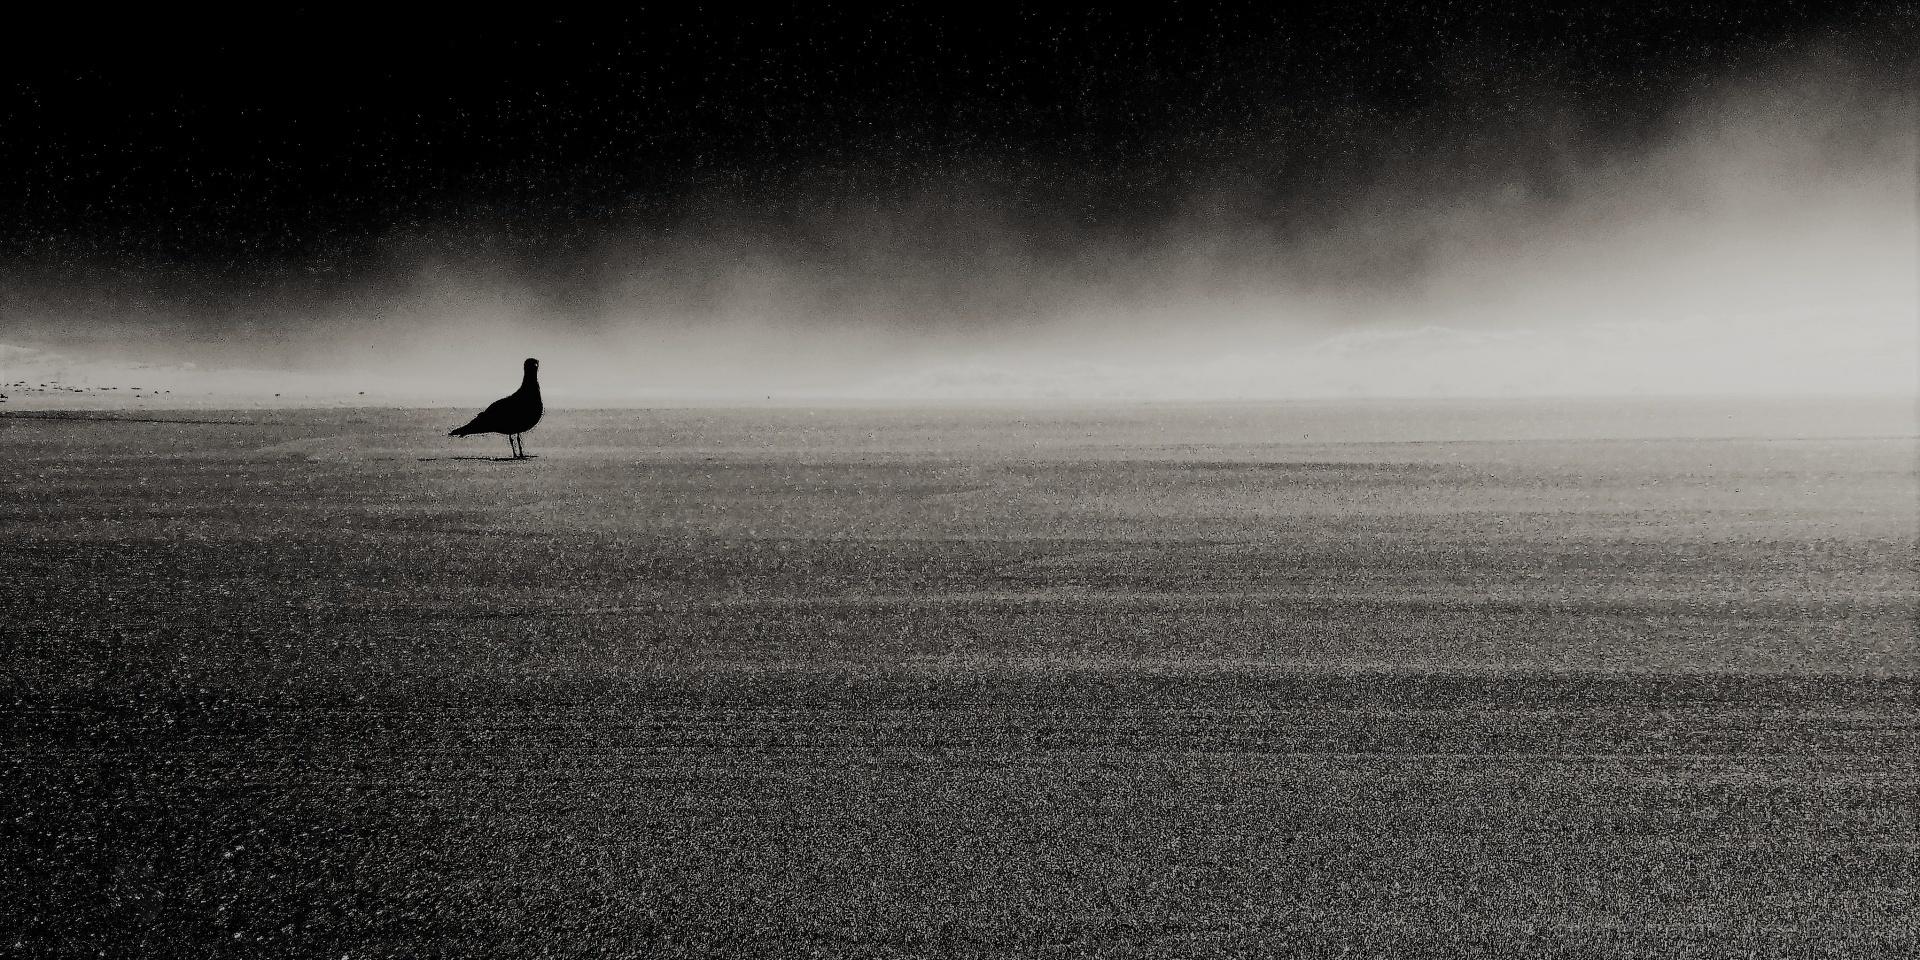 Animais/Era uma vez uma gaivota chamada LIBERDADE .